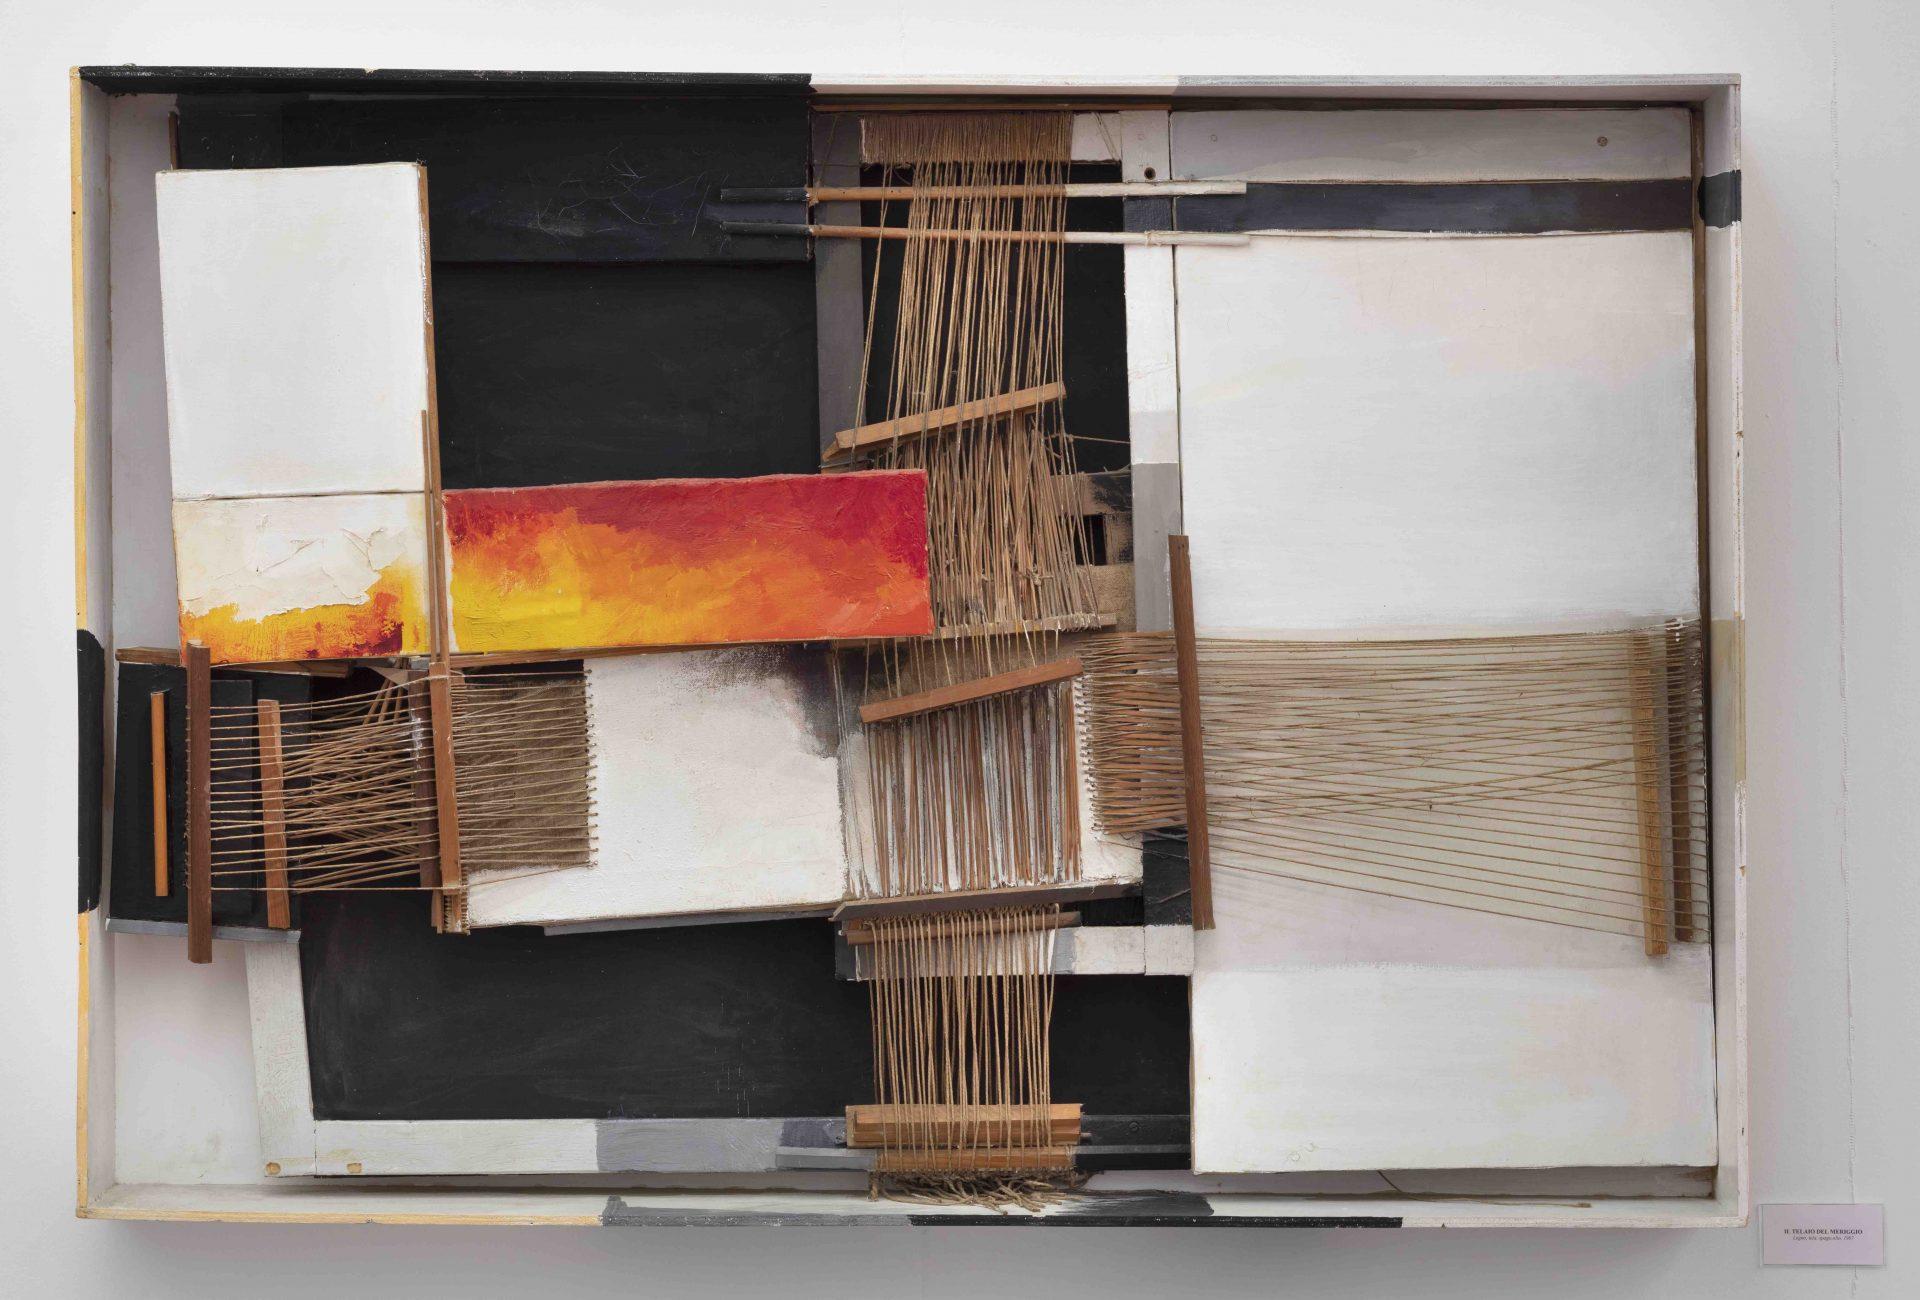 Fame d'infinito: la mostra con le opere di Maria Lai da vedere, sentire e toccare